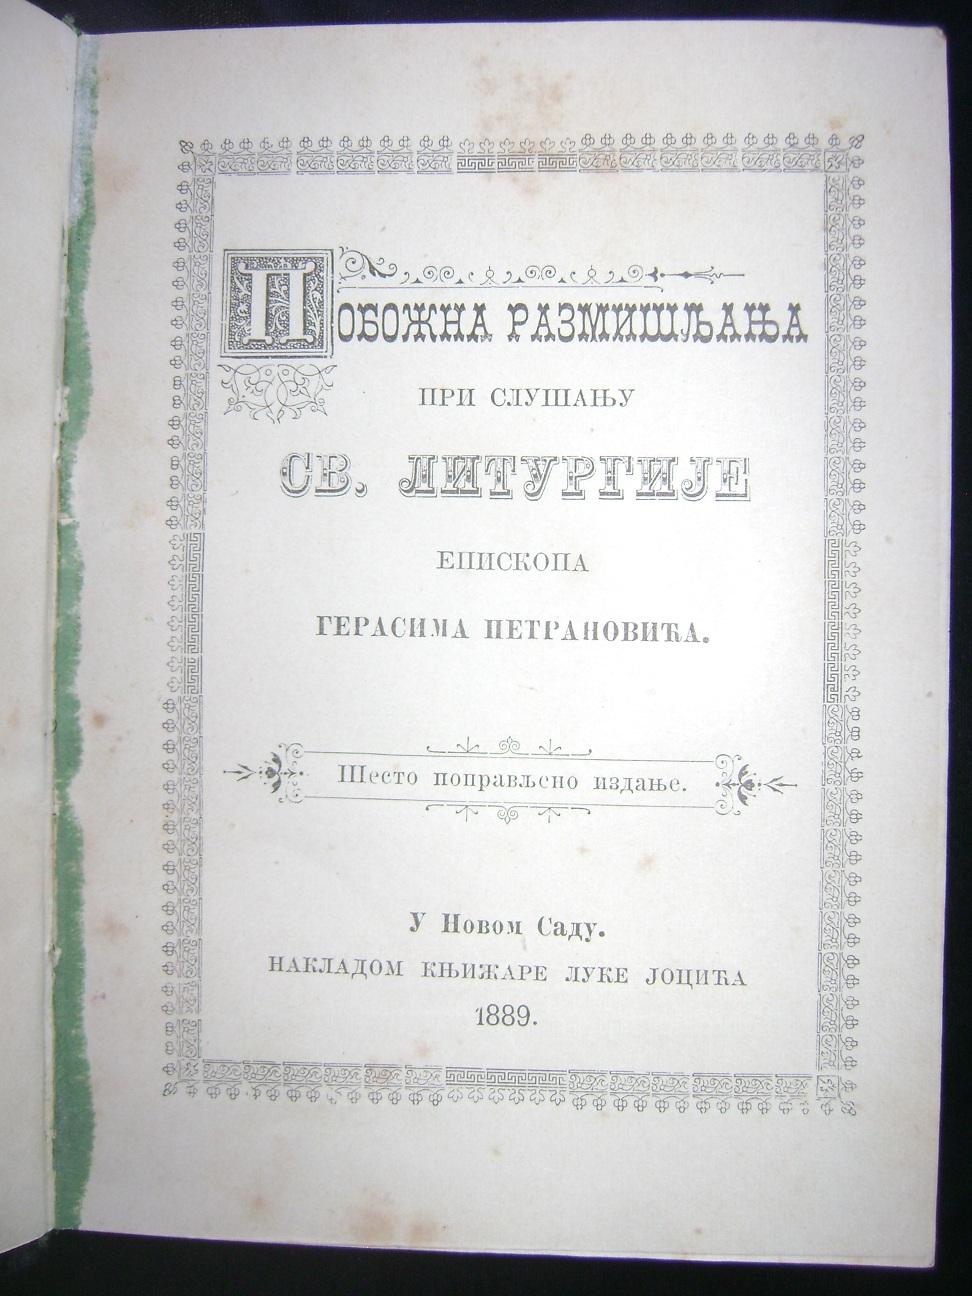 Pobozna_razmisljanja_pri_slusanju_svete_liturgije_1889_3.JPG